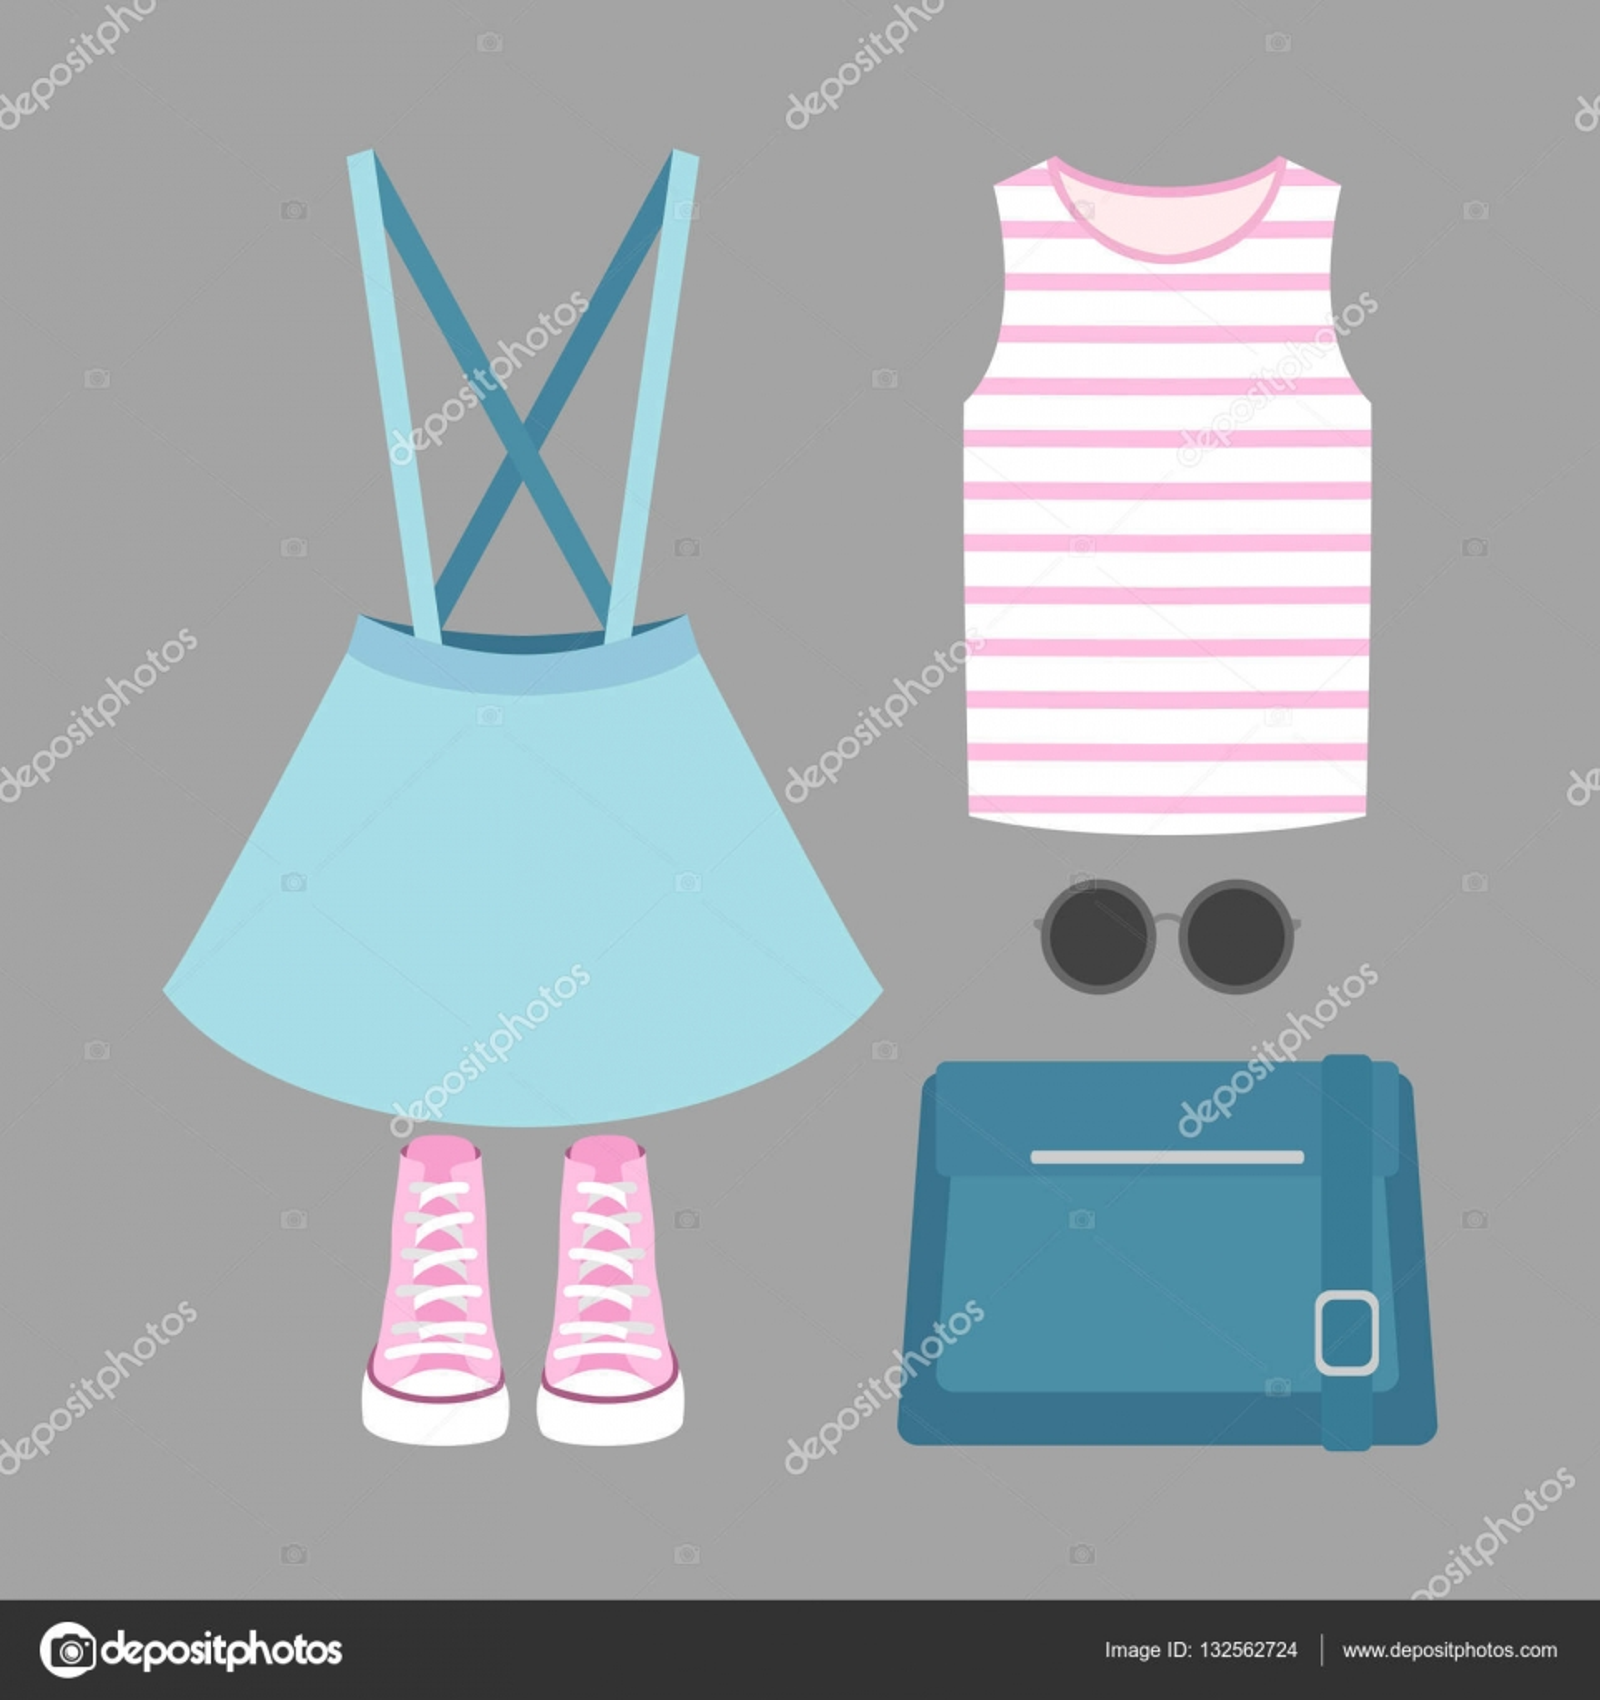 b1e3cc02a Sada oblečení módní Dámská sukně, tričko a doplňky. Vektorové ilustrace —  Vektor od ...